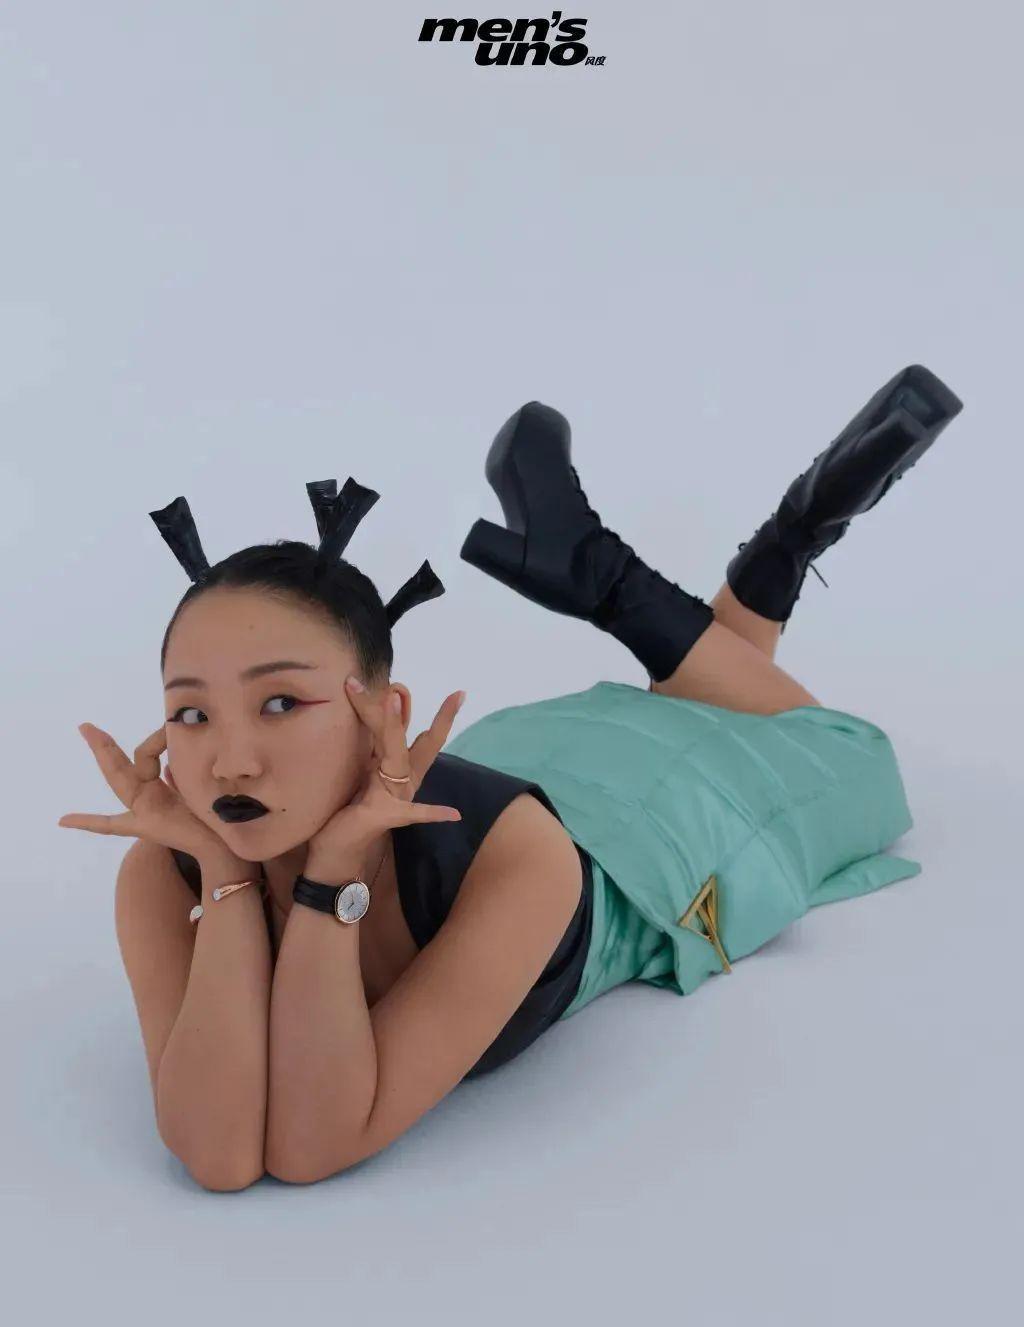 张柏芝小师妹一哭成名:长得丑就不能配拿影后了